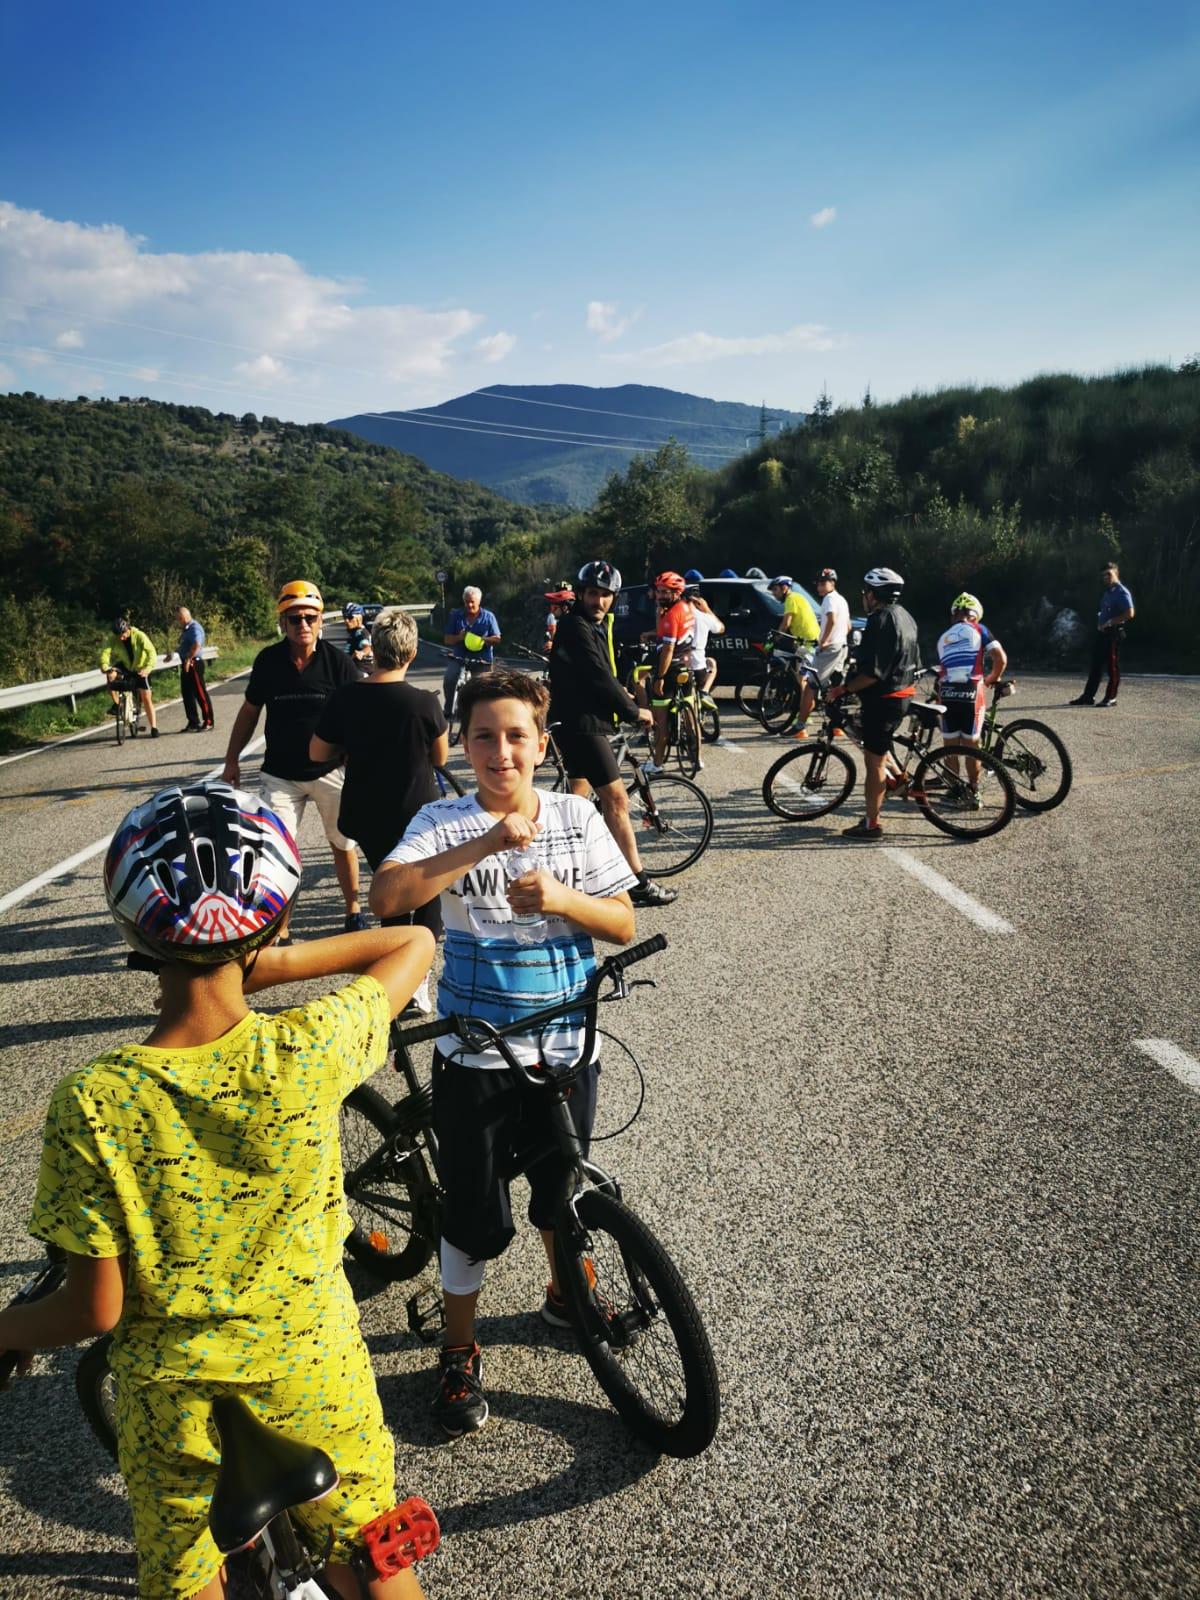 #girolevitespezzateDAY - CASELLE IN PITTARI